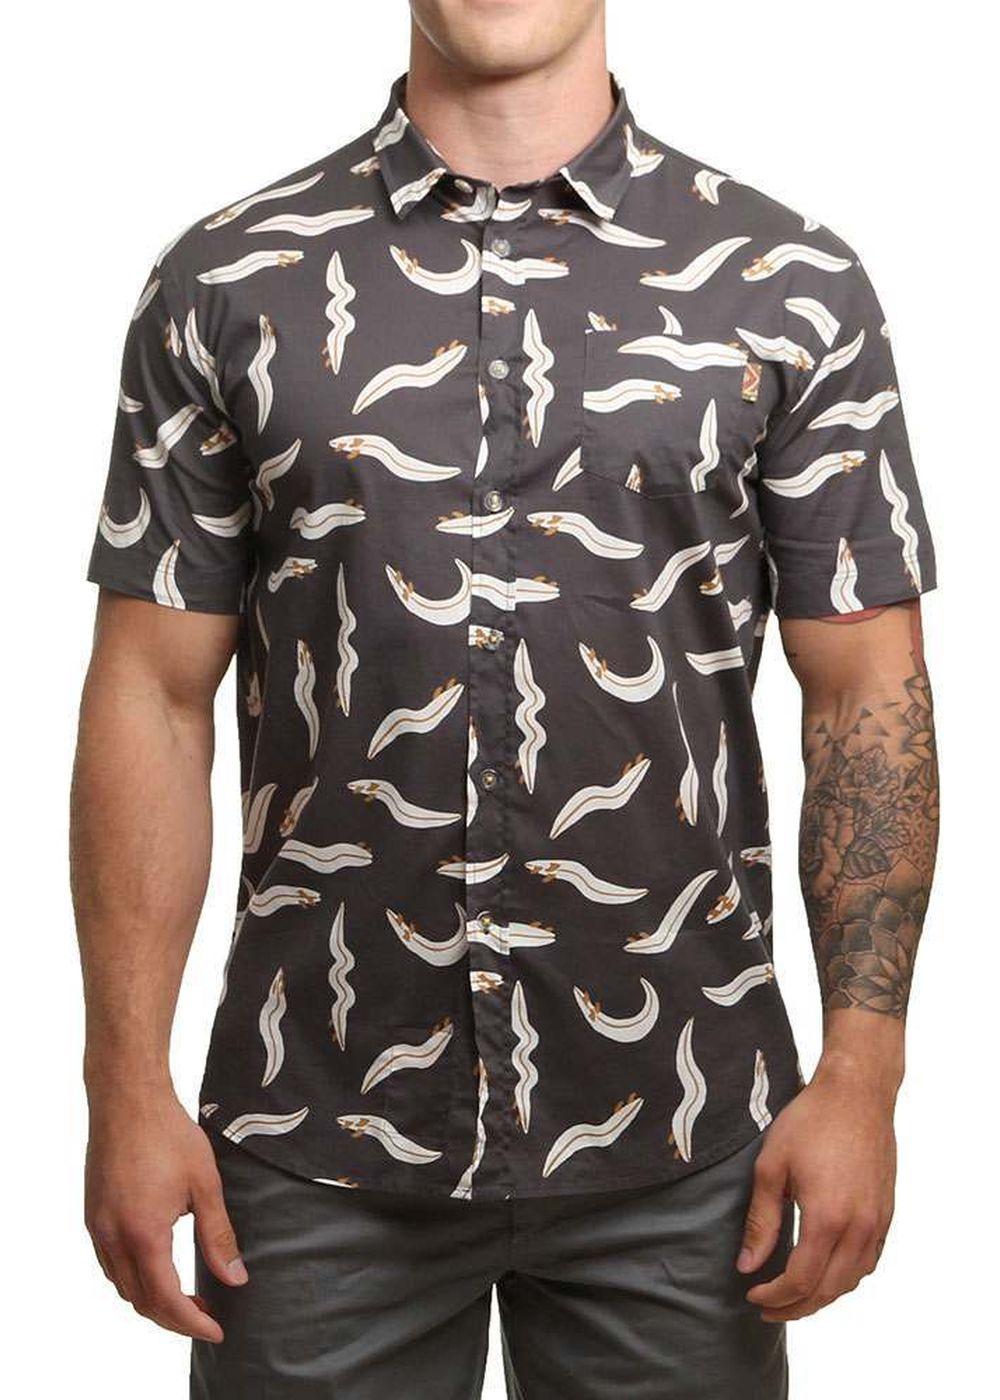 pukas-softboards-shirt-black-soft